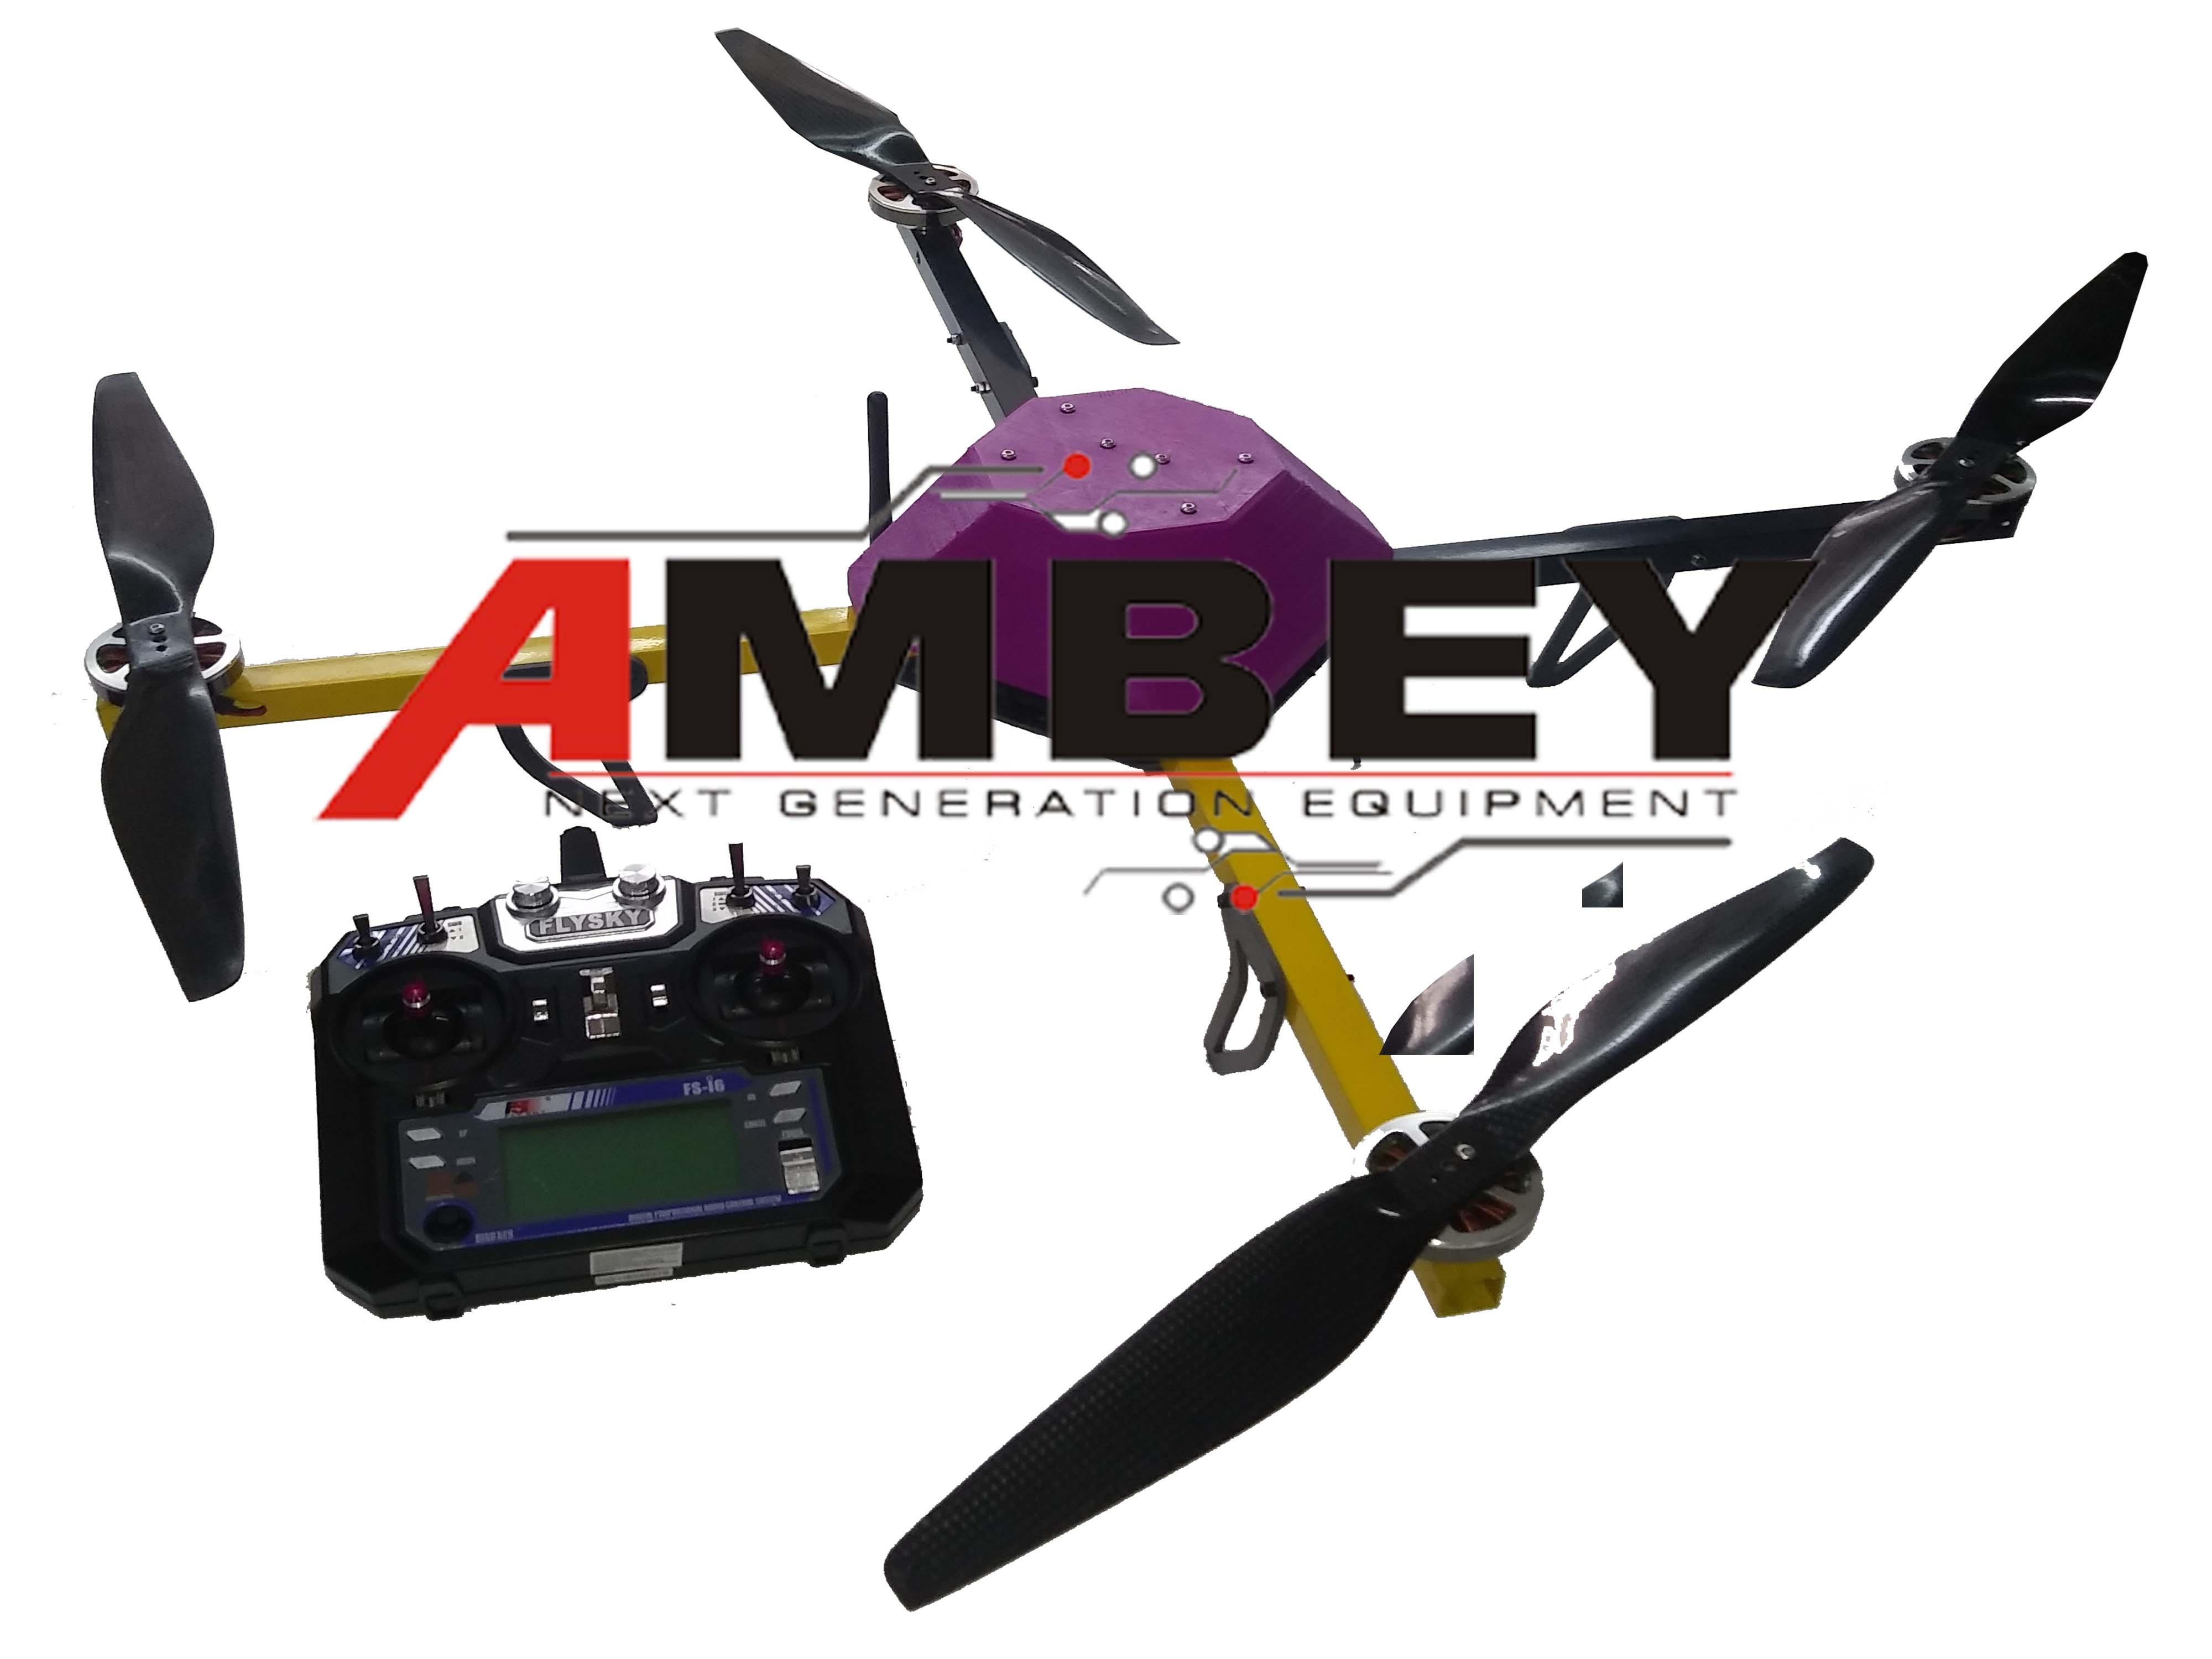 AL-E745 MULTIPURPOSE ENDURANCE DRONE DIY KIT PIXHAWK FSI6 1KG